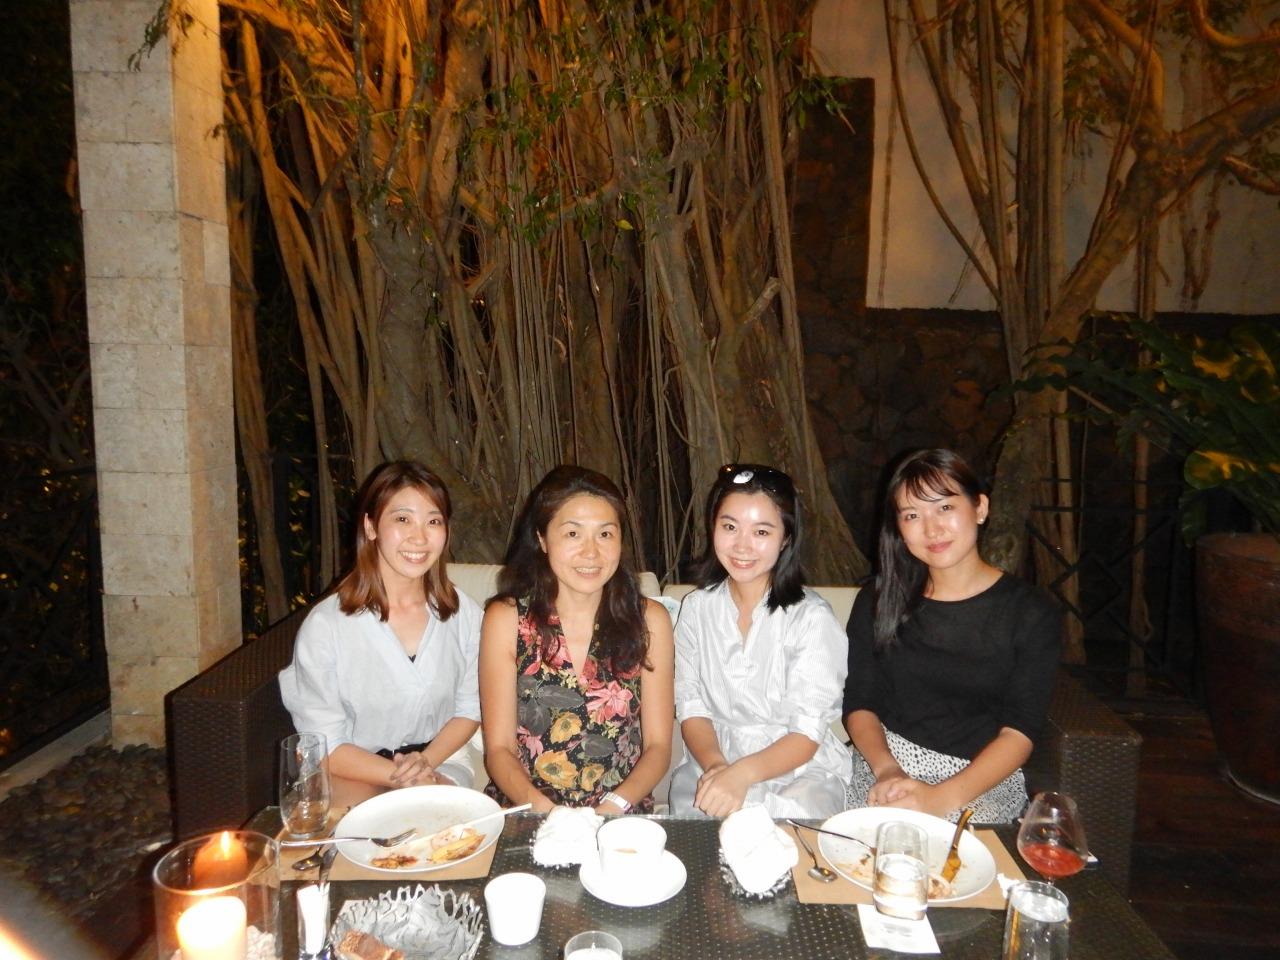 左よりクリムゾンリゾート&スパマクタン勤務大澤栞さん、江口先生、シャングリ・ラマクタンリゾート&スパ勤務雨宮舞さん、吉森レナさん